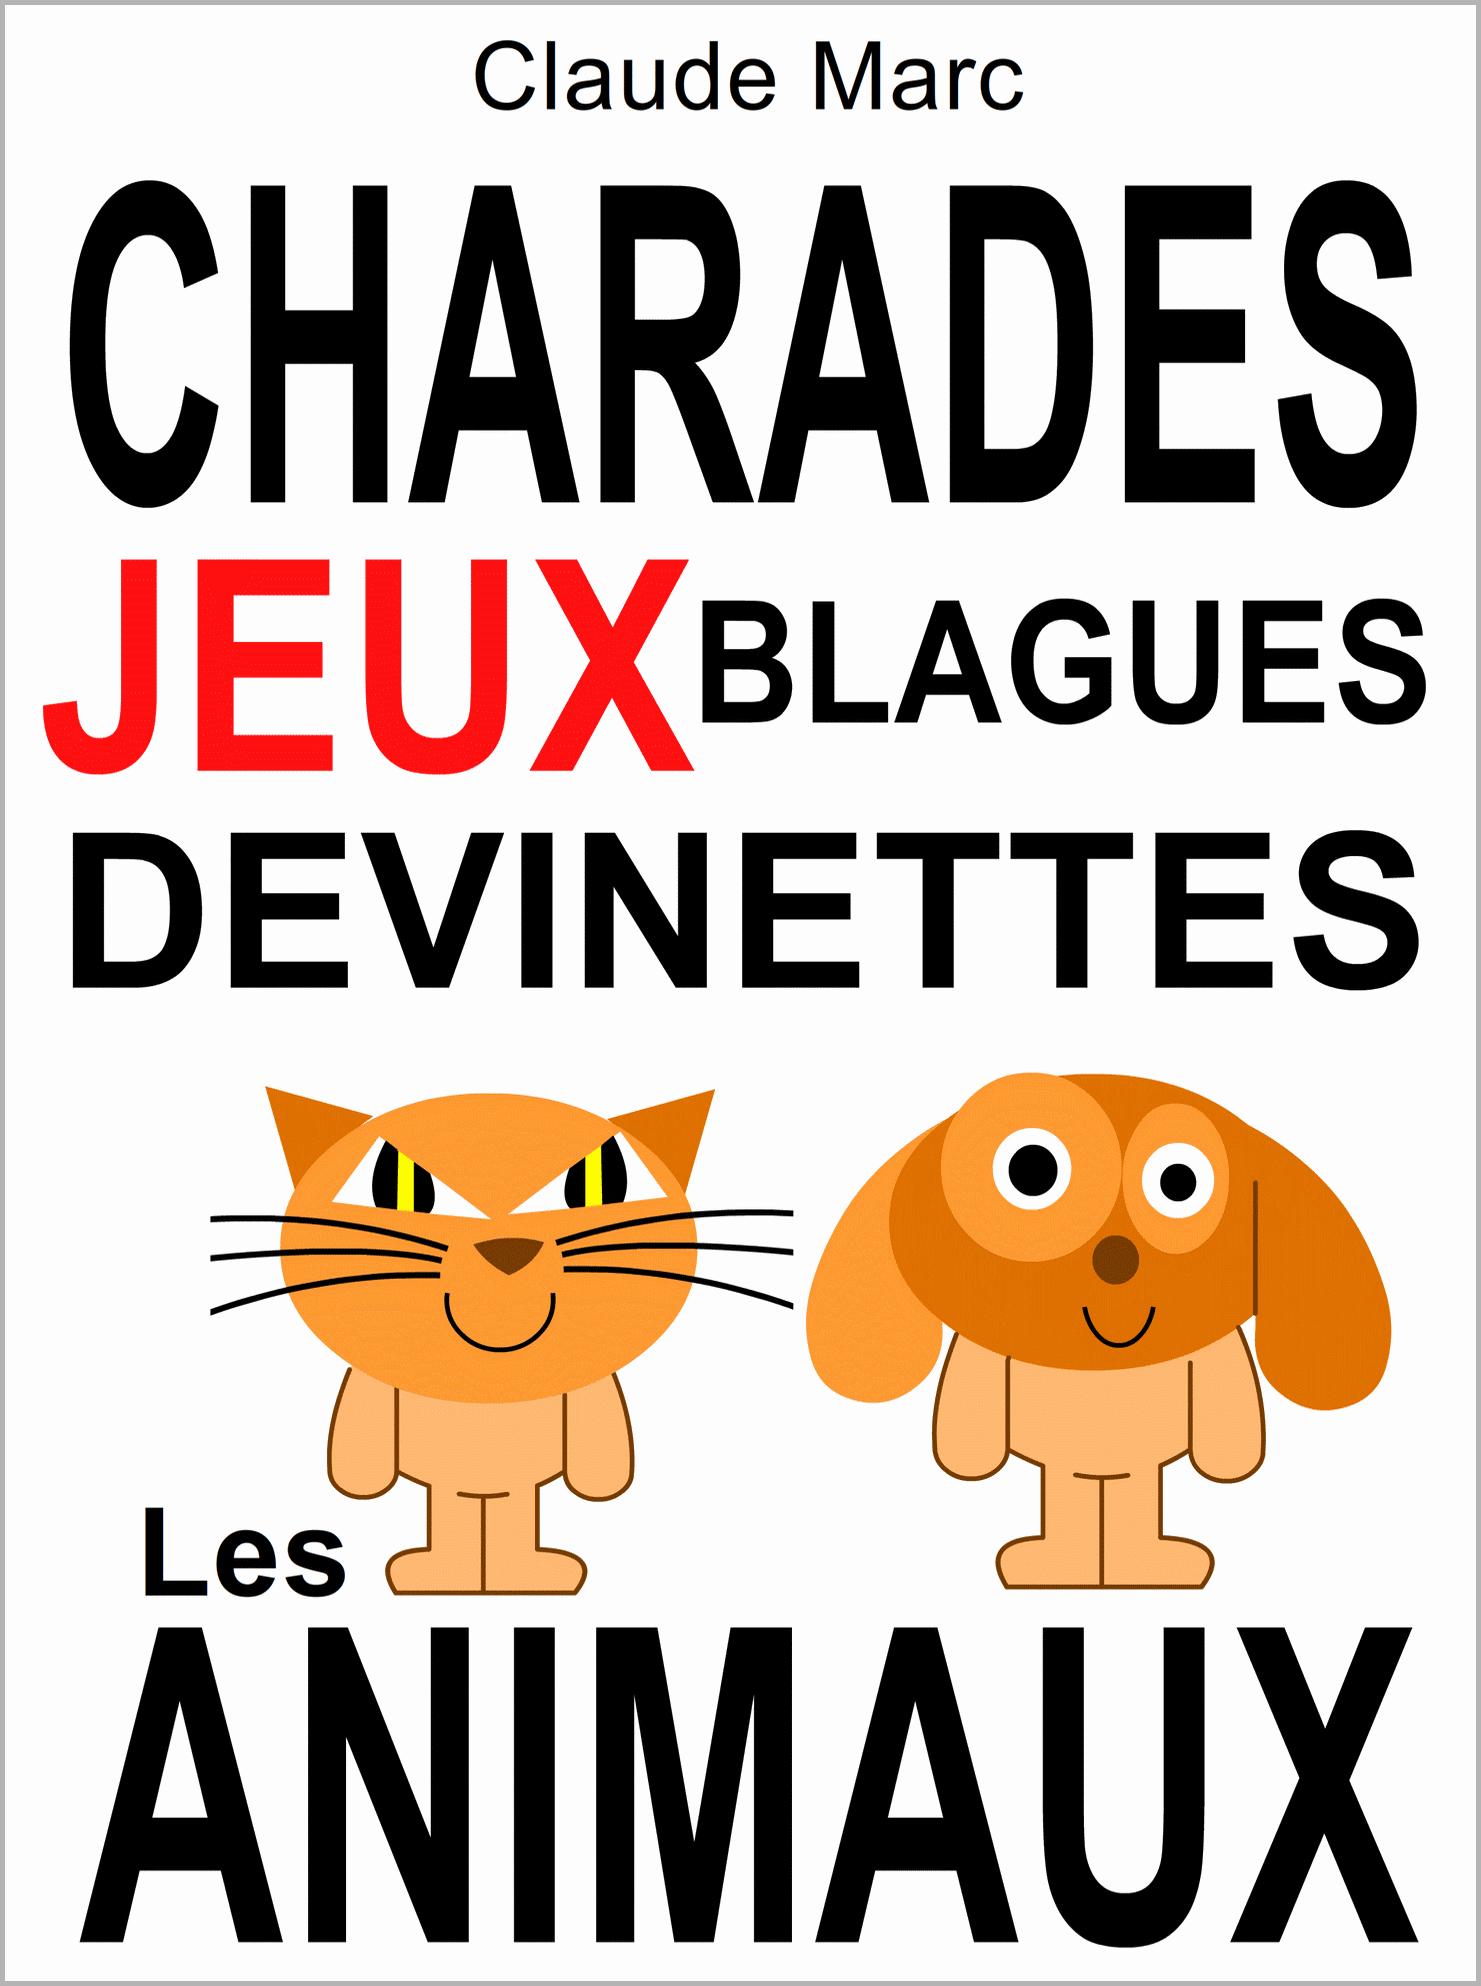 Charades Et Devinettes Sur Les Animaux. Jeux Et Blagues Pour Enfants. dedans Jeux Animaux Enfant